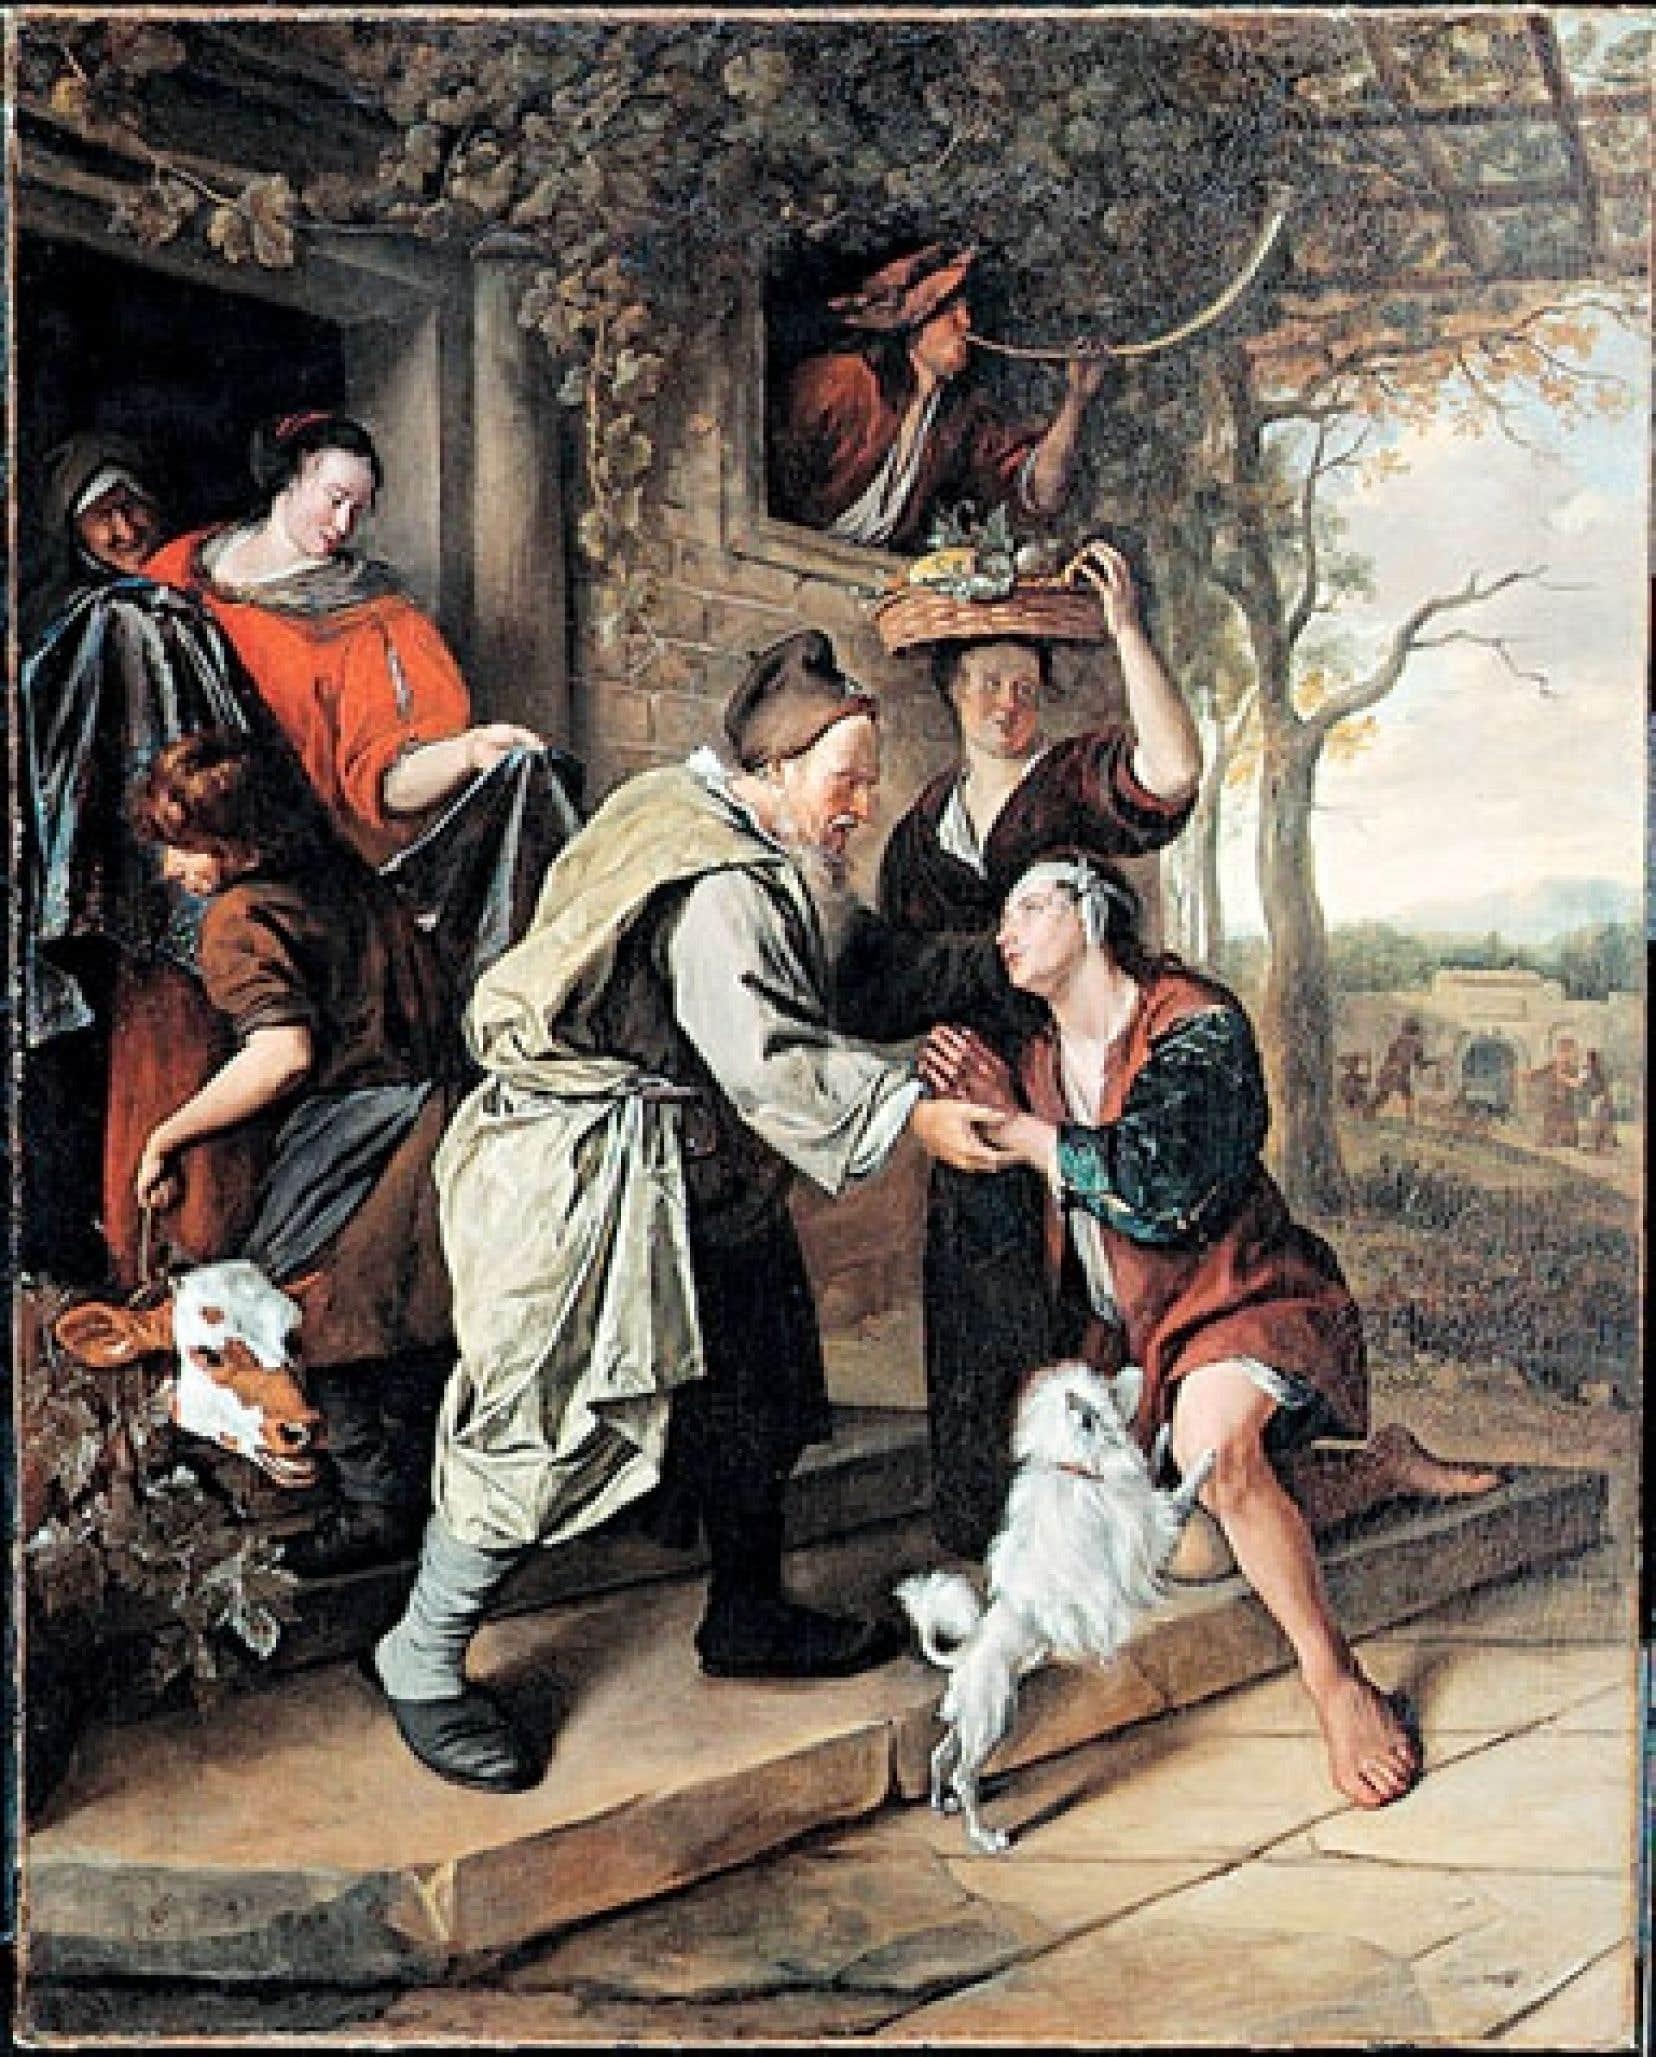 Le retour de l'enfant prodigue, du peintre baroque Jan Steen, est considérée comme le chef-d'œuvre du maître flamand, contemporain de Rembrandt.